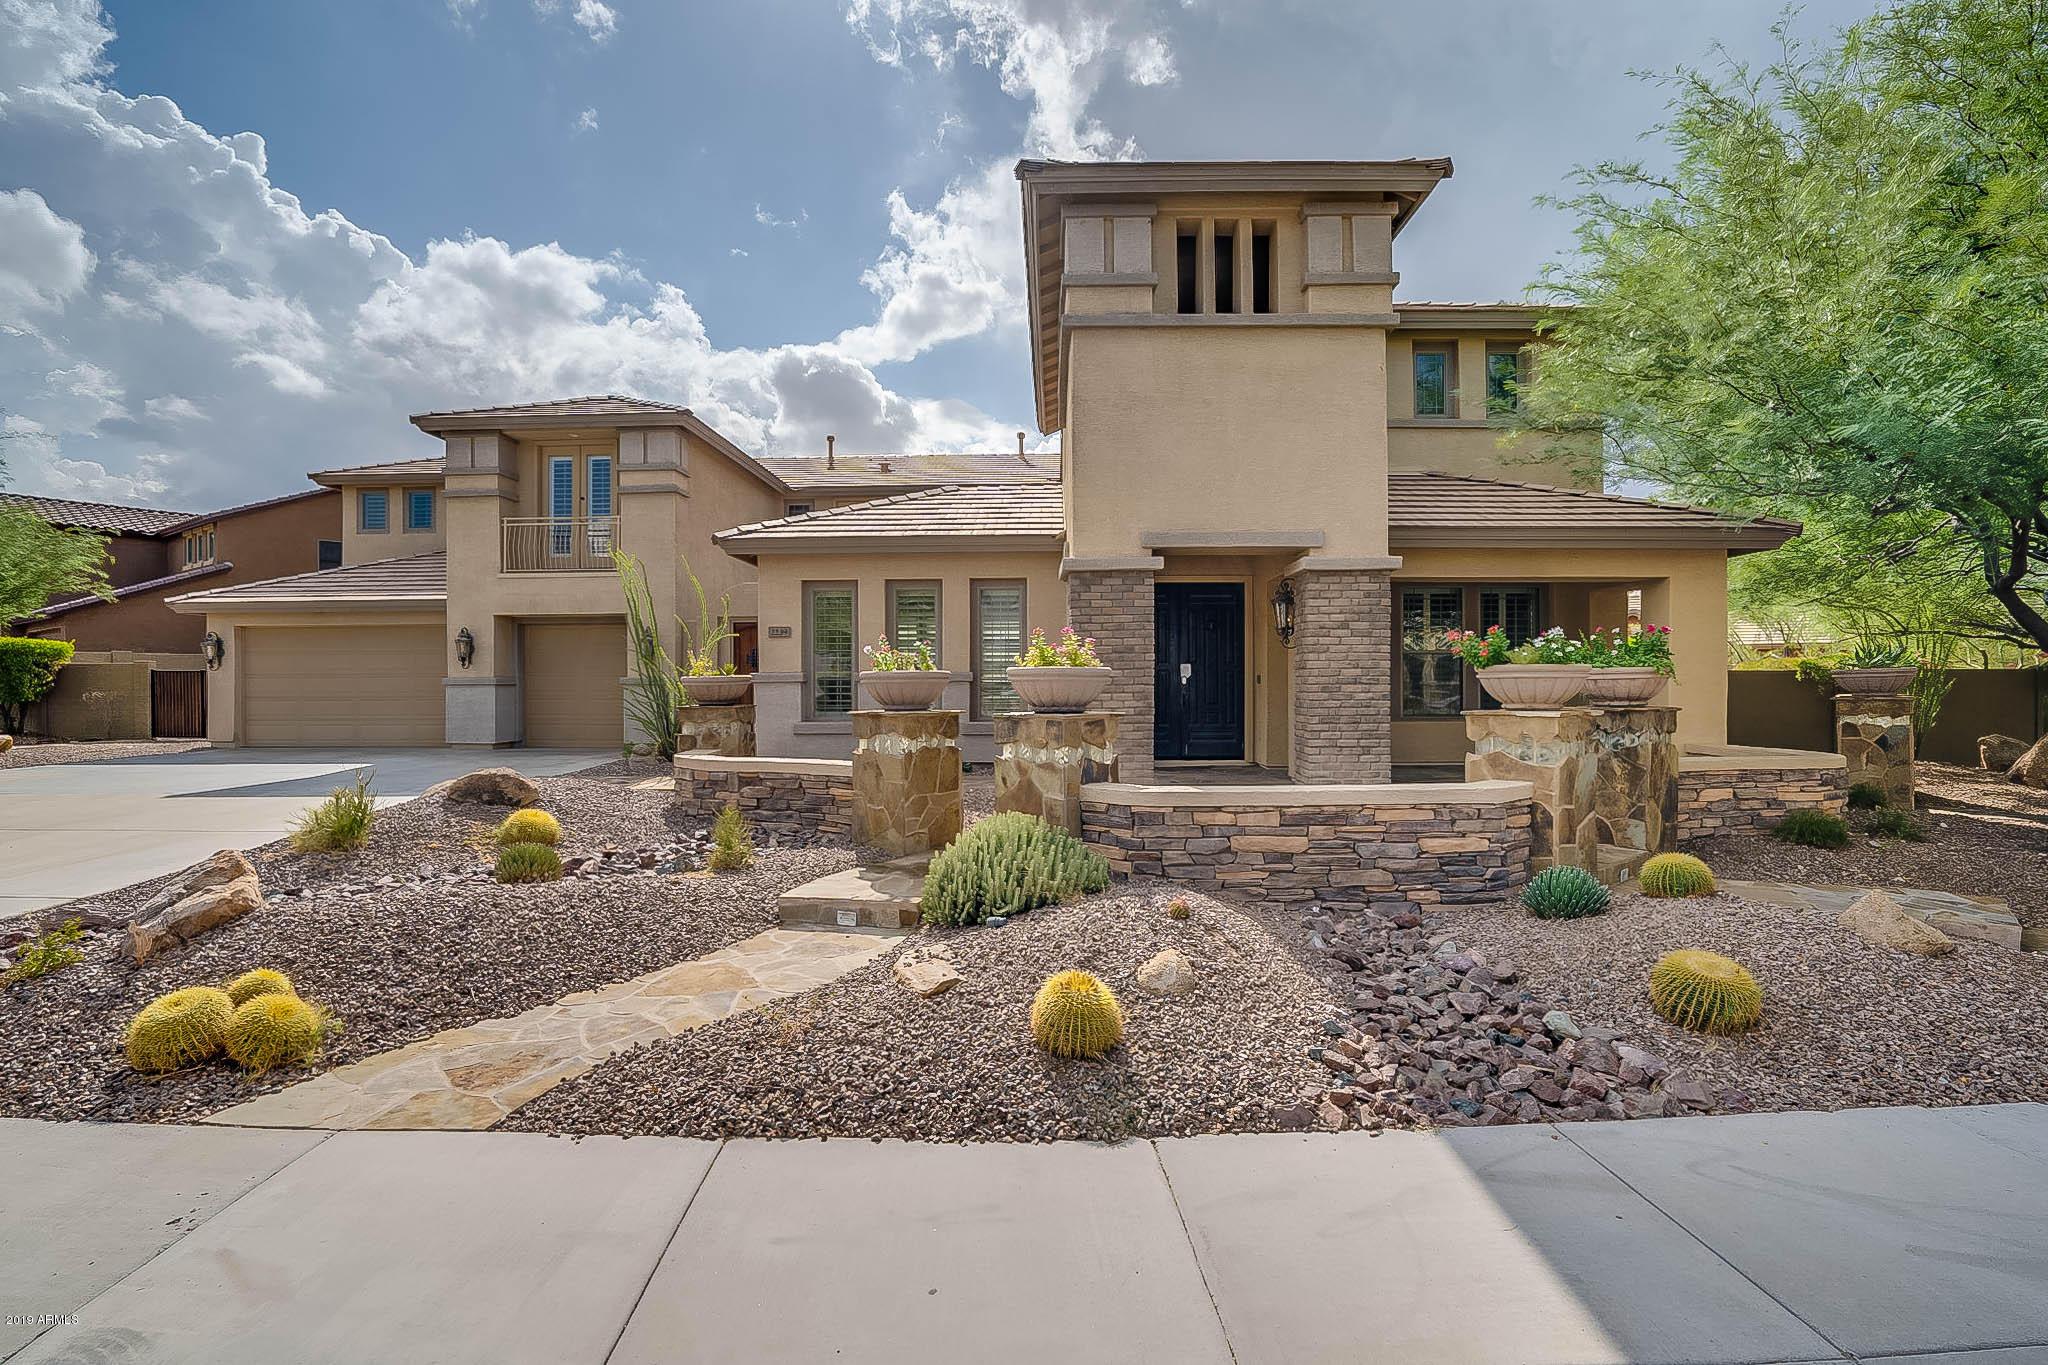 Photo of 2239 W HIDDEN TREASURE Way, Phoenix, AZ 85086